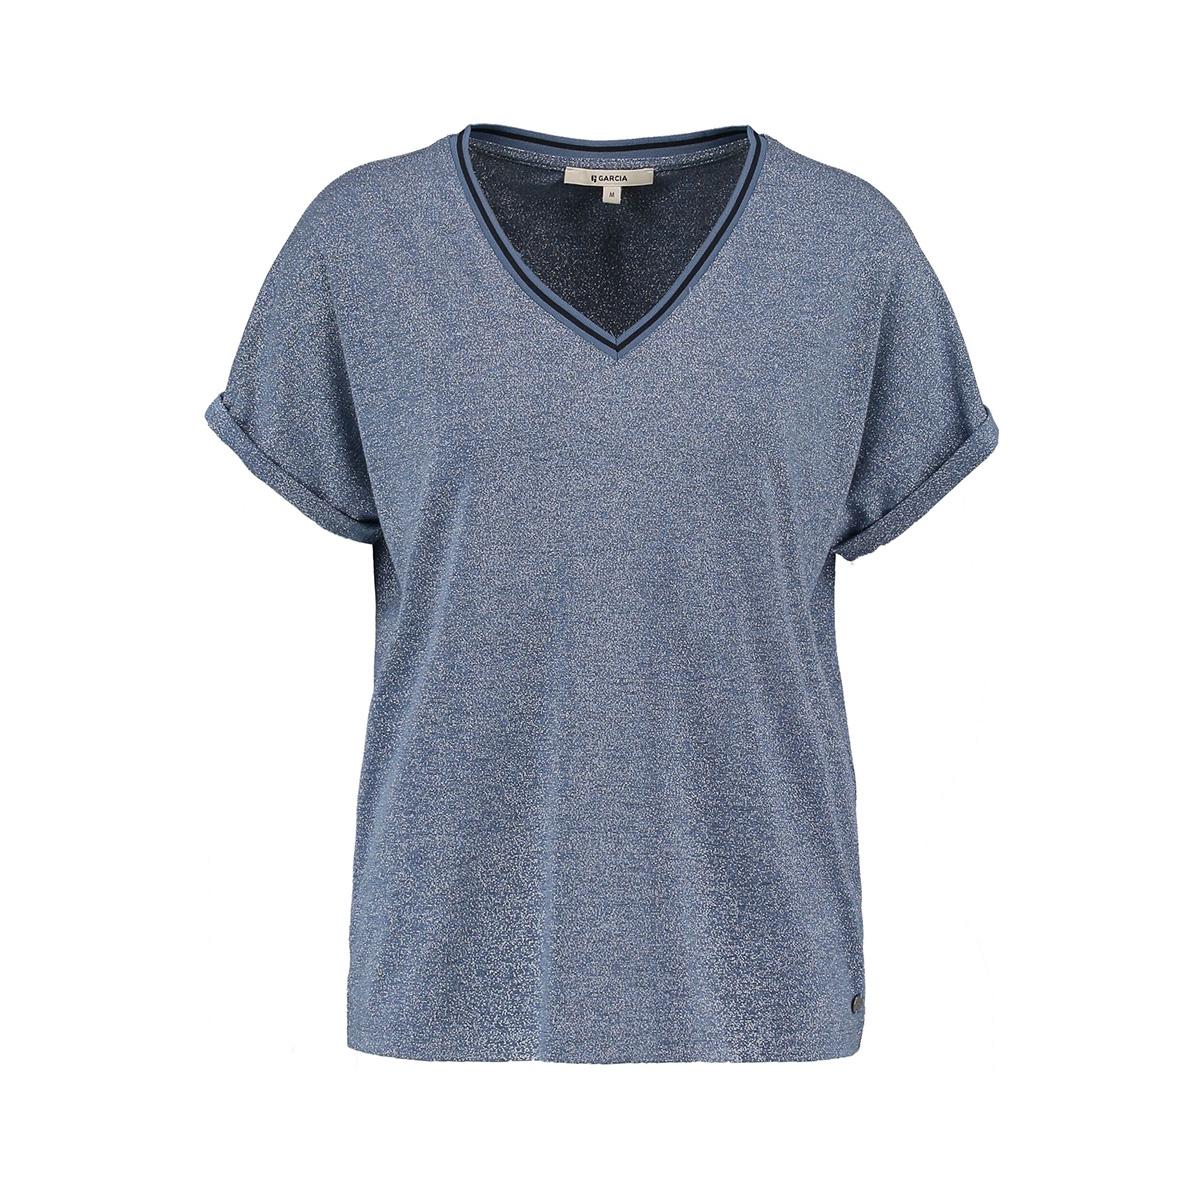 glitter t shirt o00005 garcia t-shirt 2129 french blue